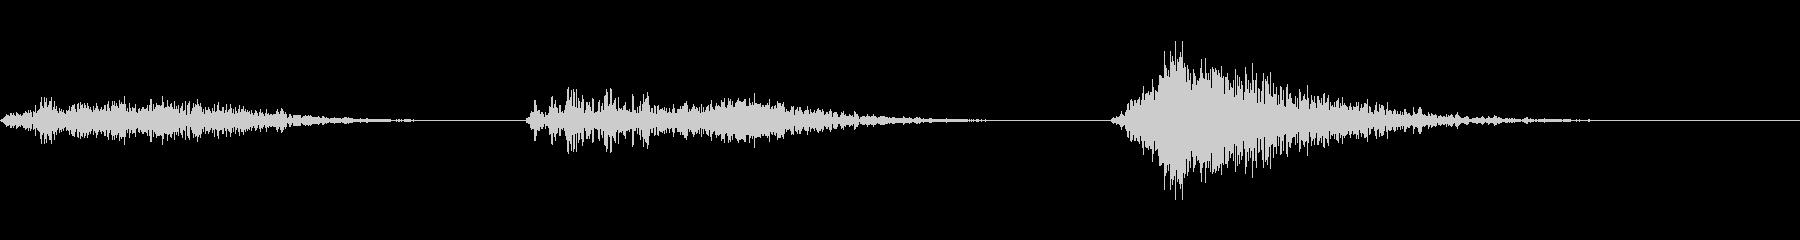 獣人の唸り声の未再生の波形